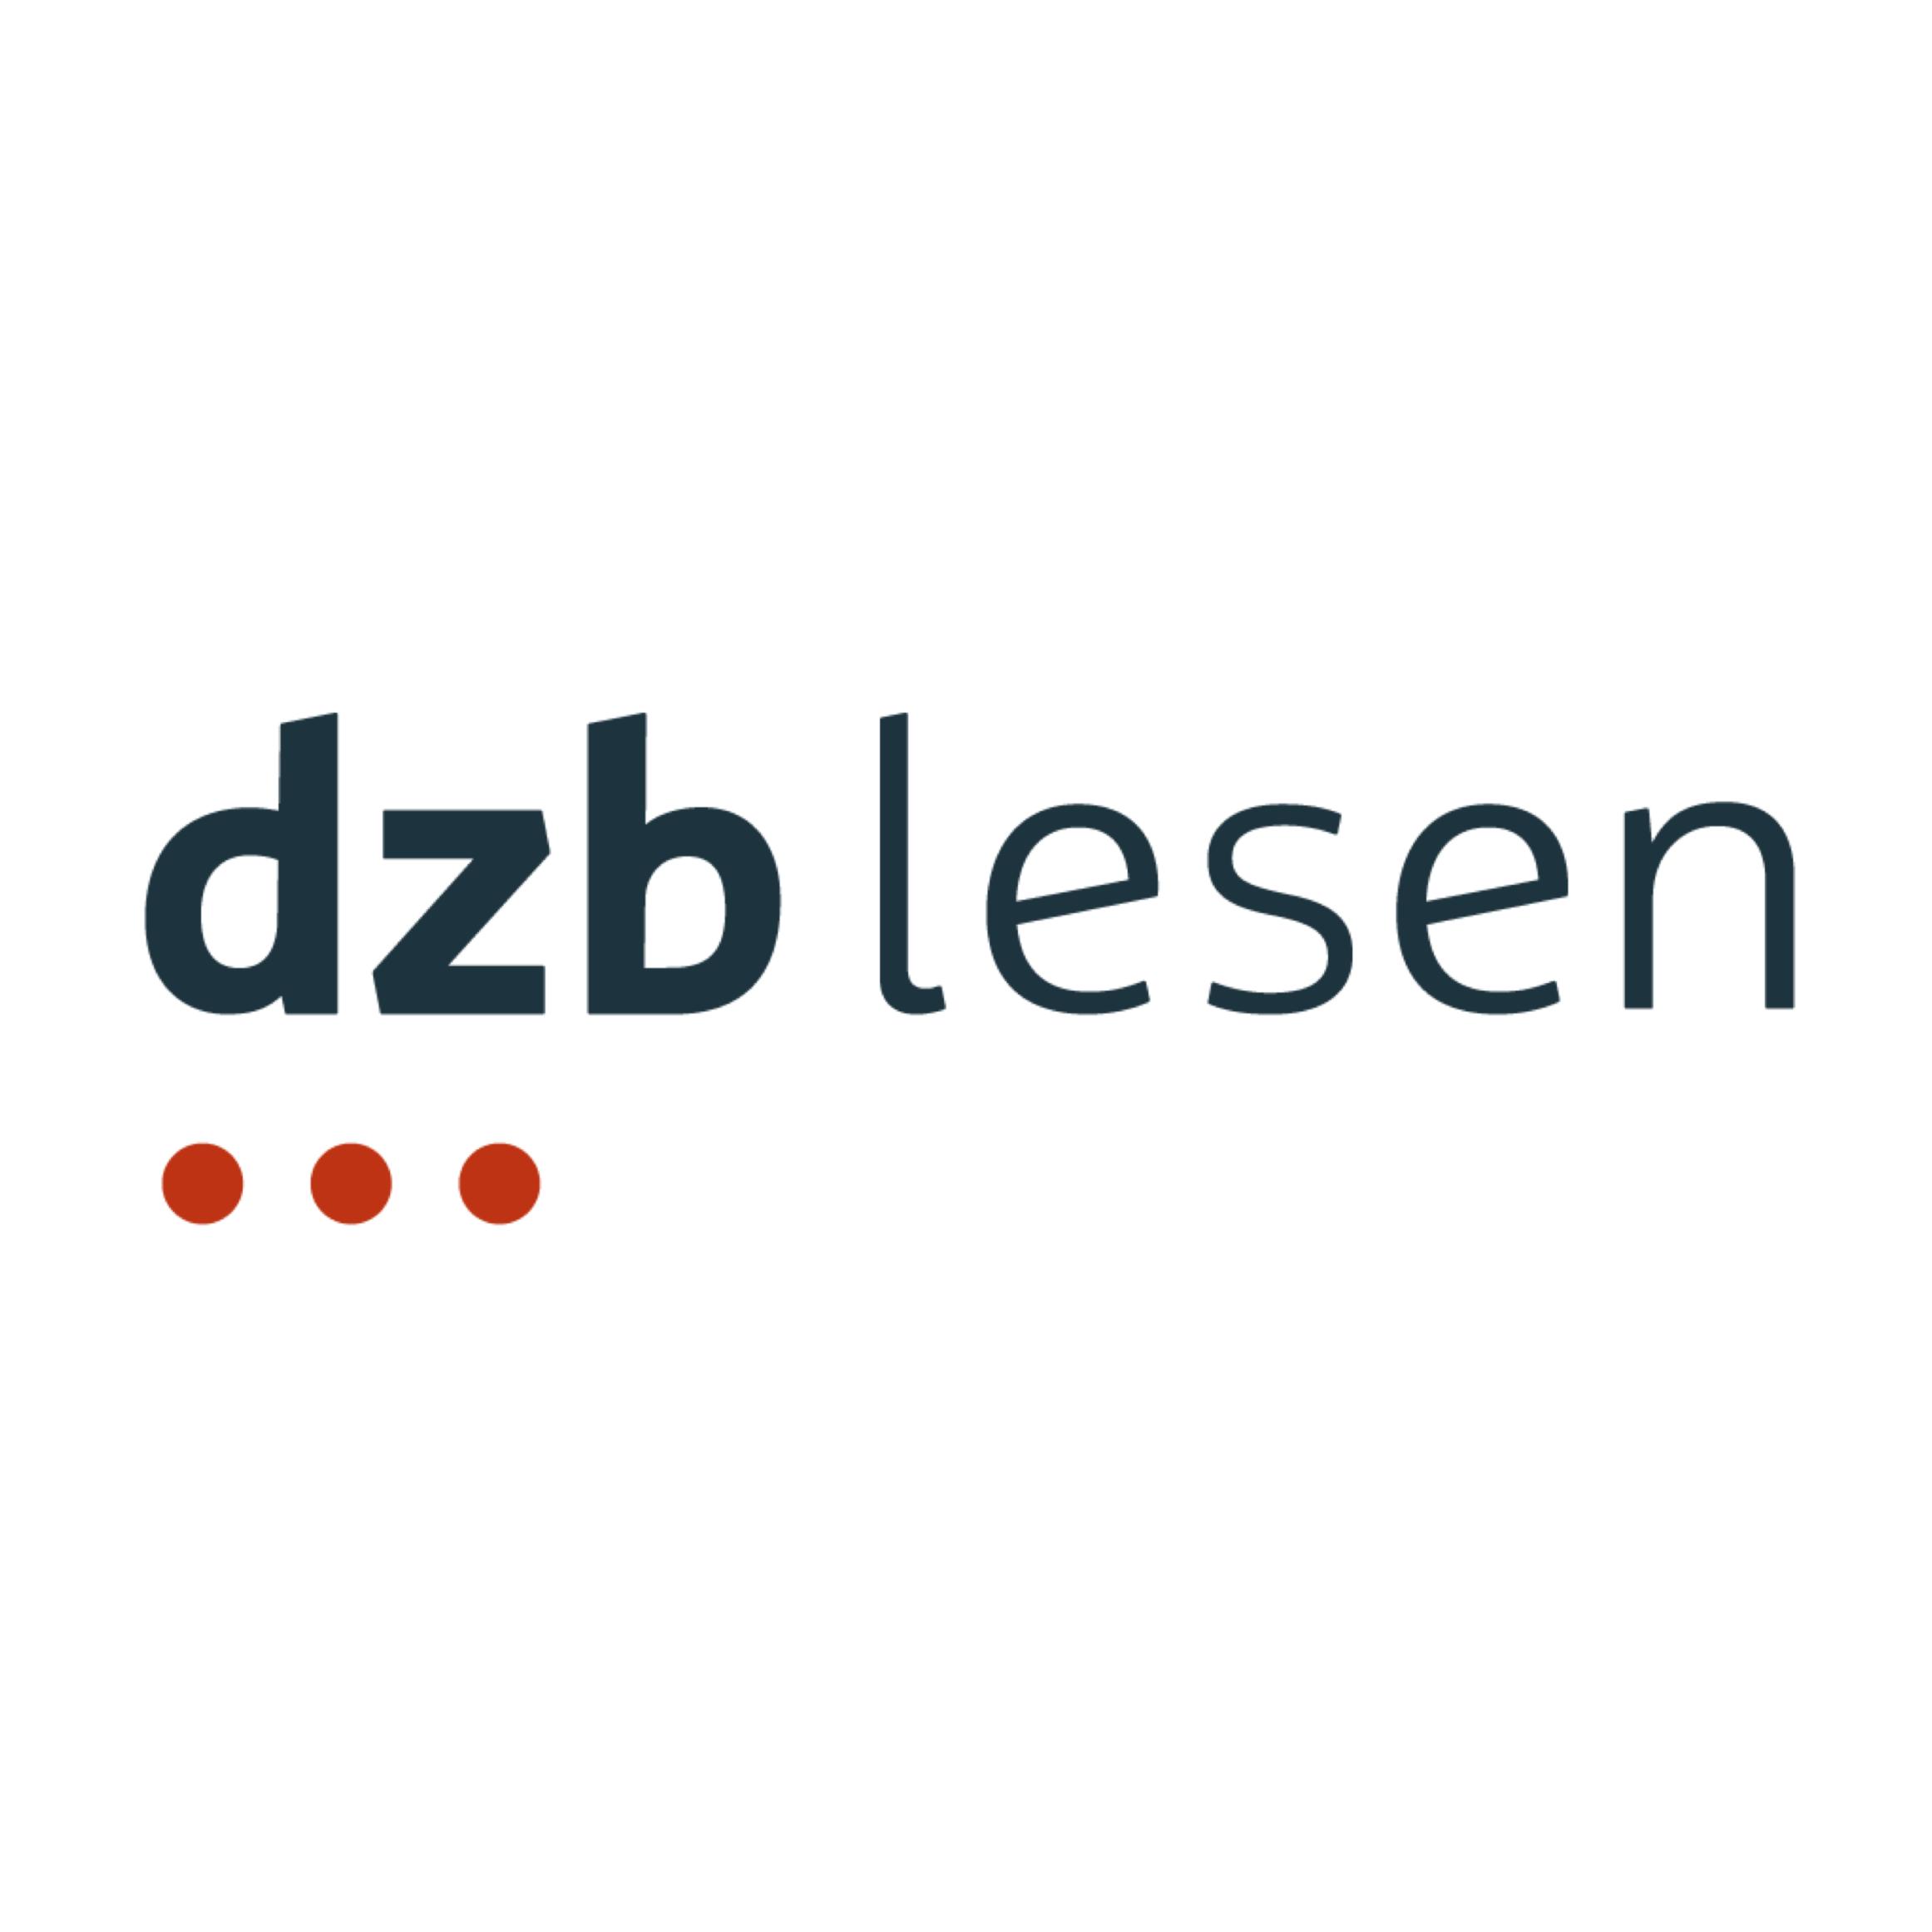 Logo des Deutschen Zentrums für barrierefreies Lesen (dzb lesen) Leipzig. Für die gemeinnützige HörMal Audiodeskription Unternehmergesellschaft ist die DZB ein wichtiger Kommunikationspartner. Auch gemeinsame Veranstaltungen mit Audiodeskription haben bereits stattgefunden. Bildrechte: Deutsches Zentrum für barrierefreies Lesen, Leipzig.